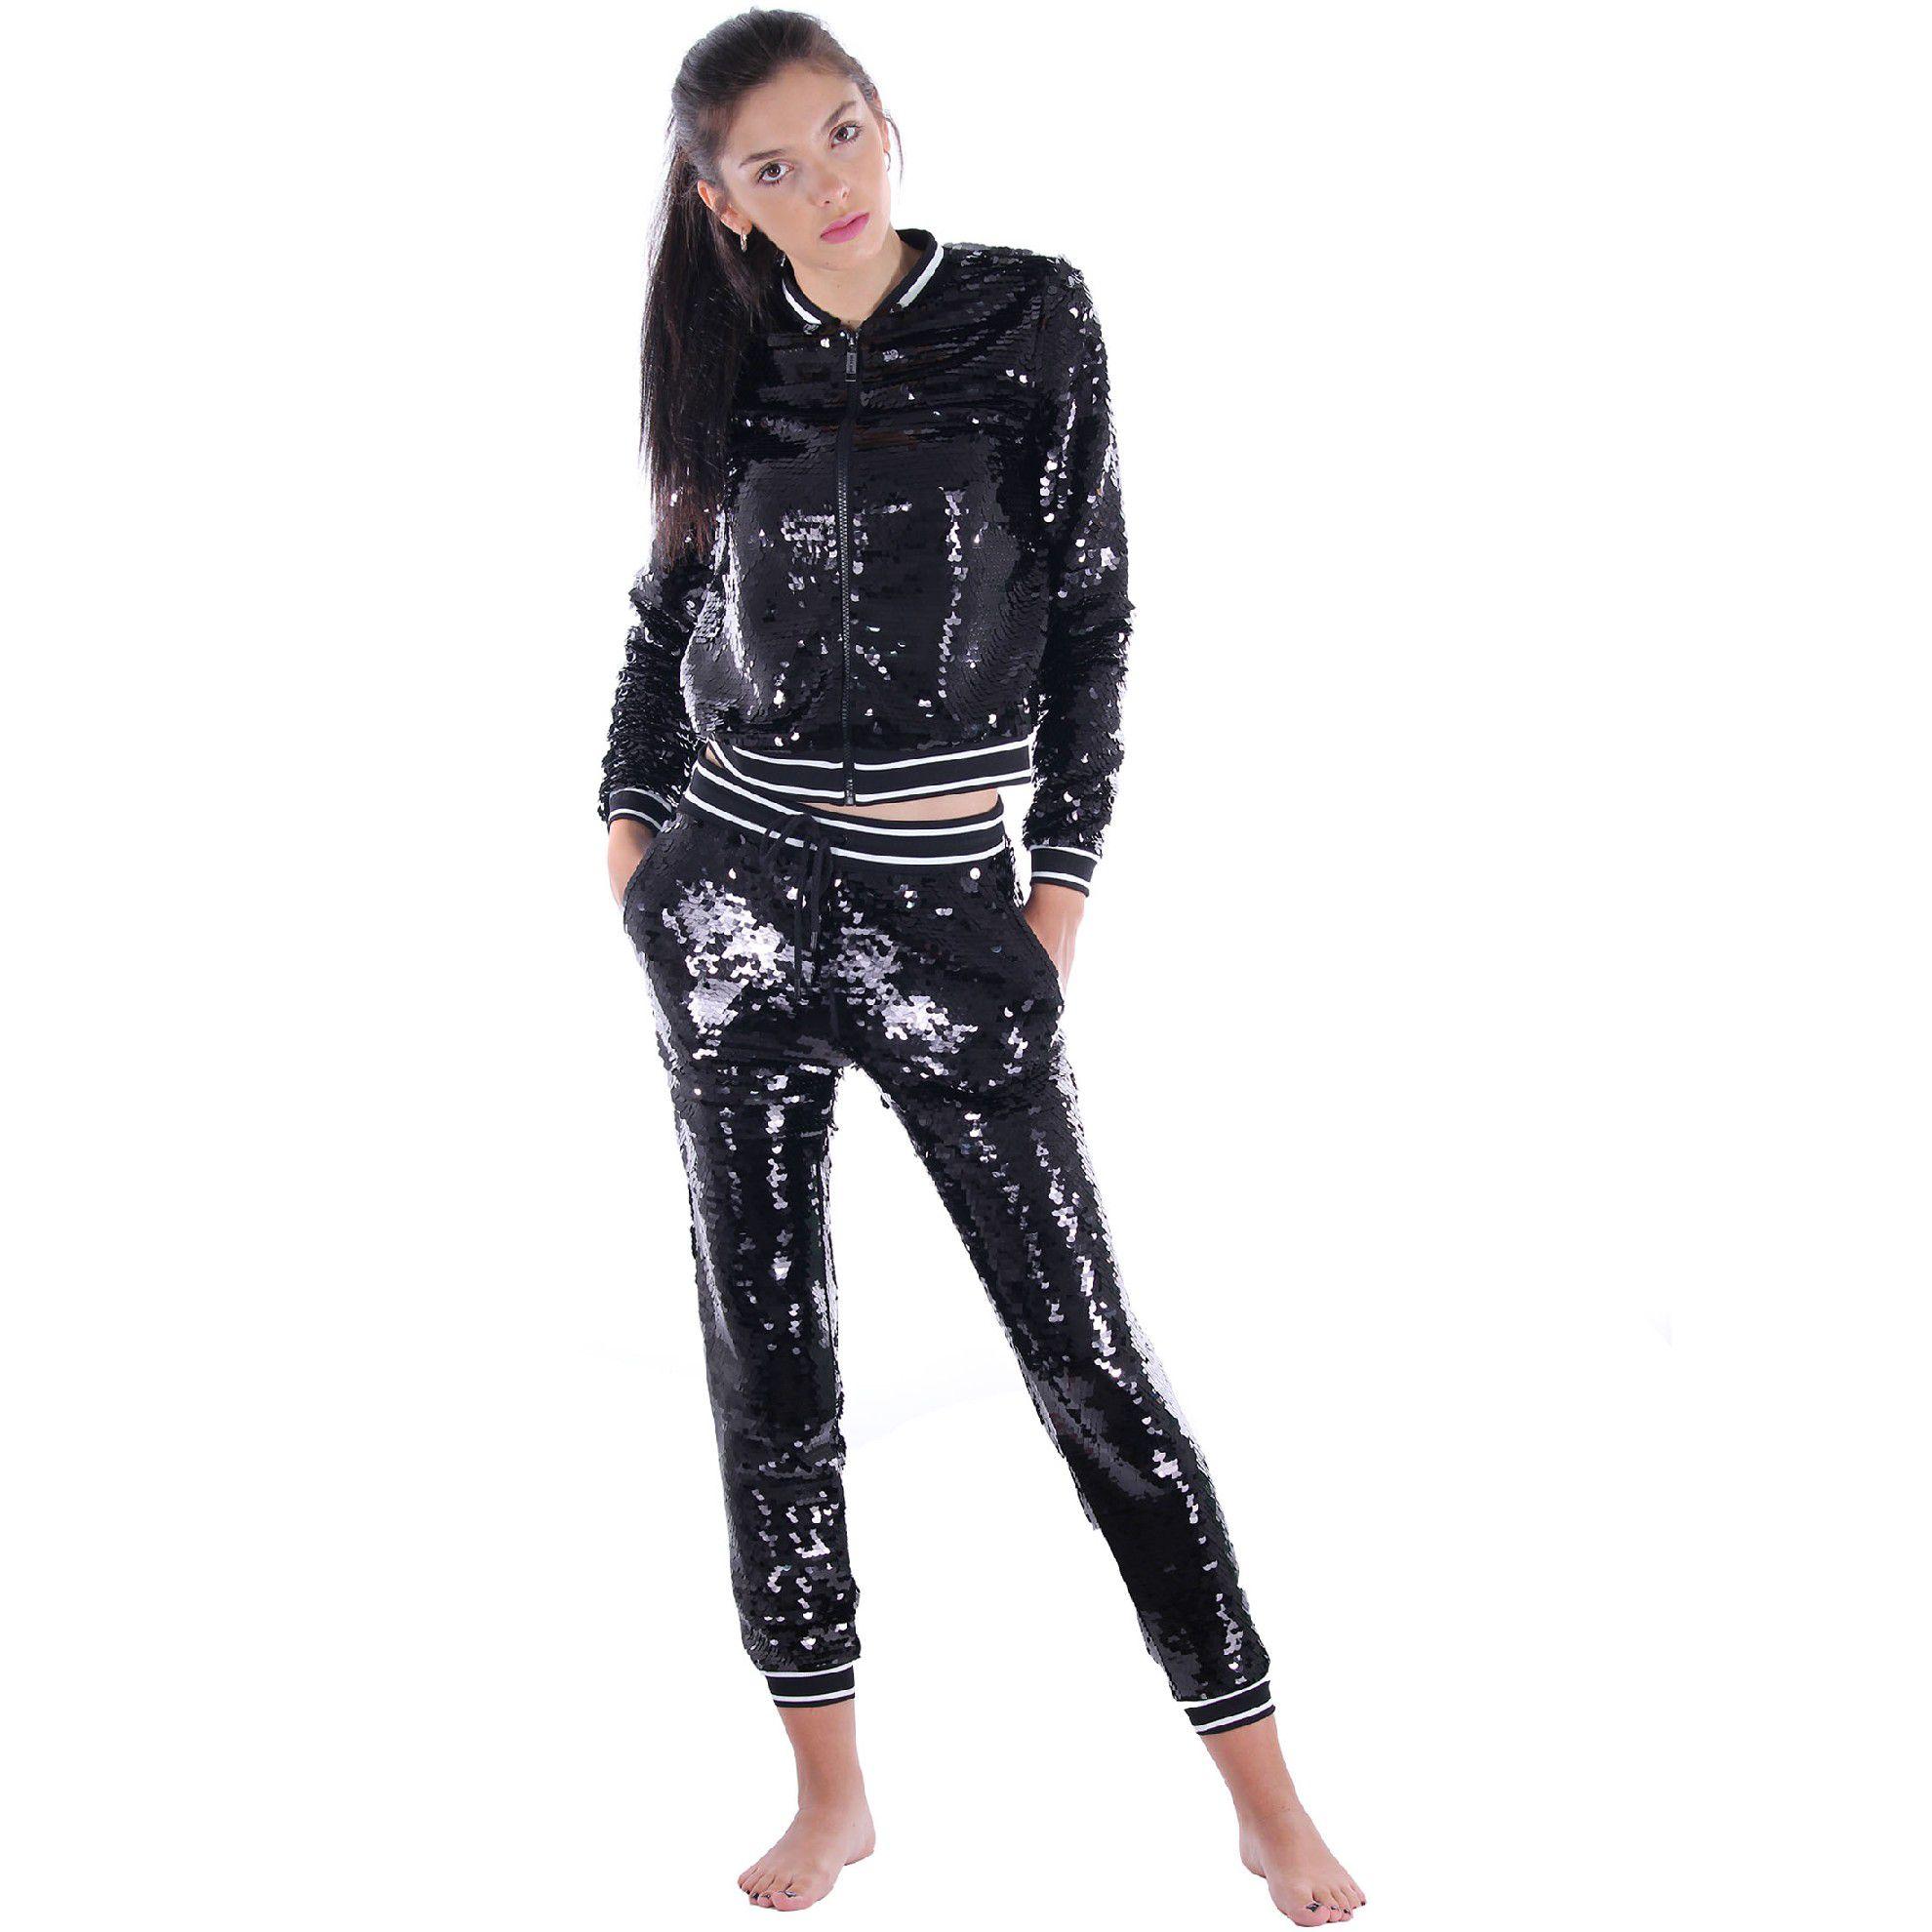 Michael kors pantalone sportivo con paillettes da donna